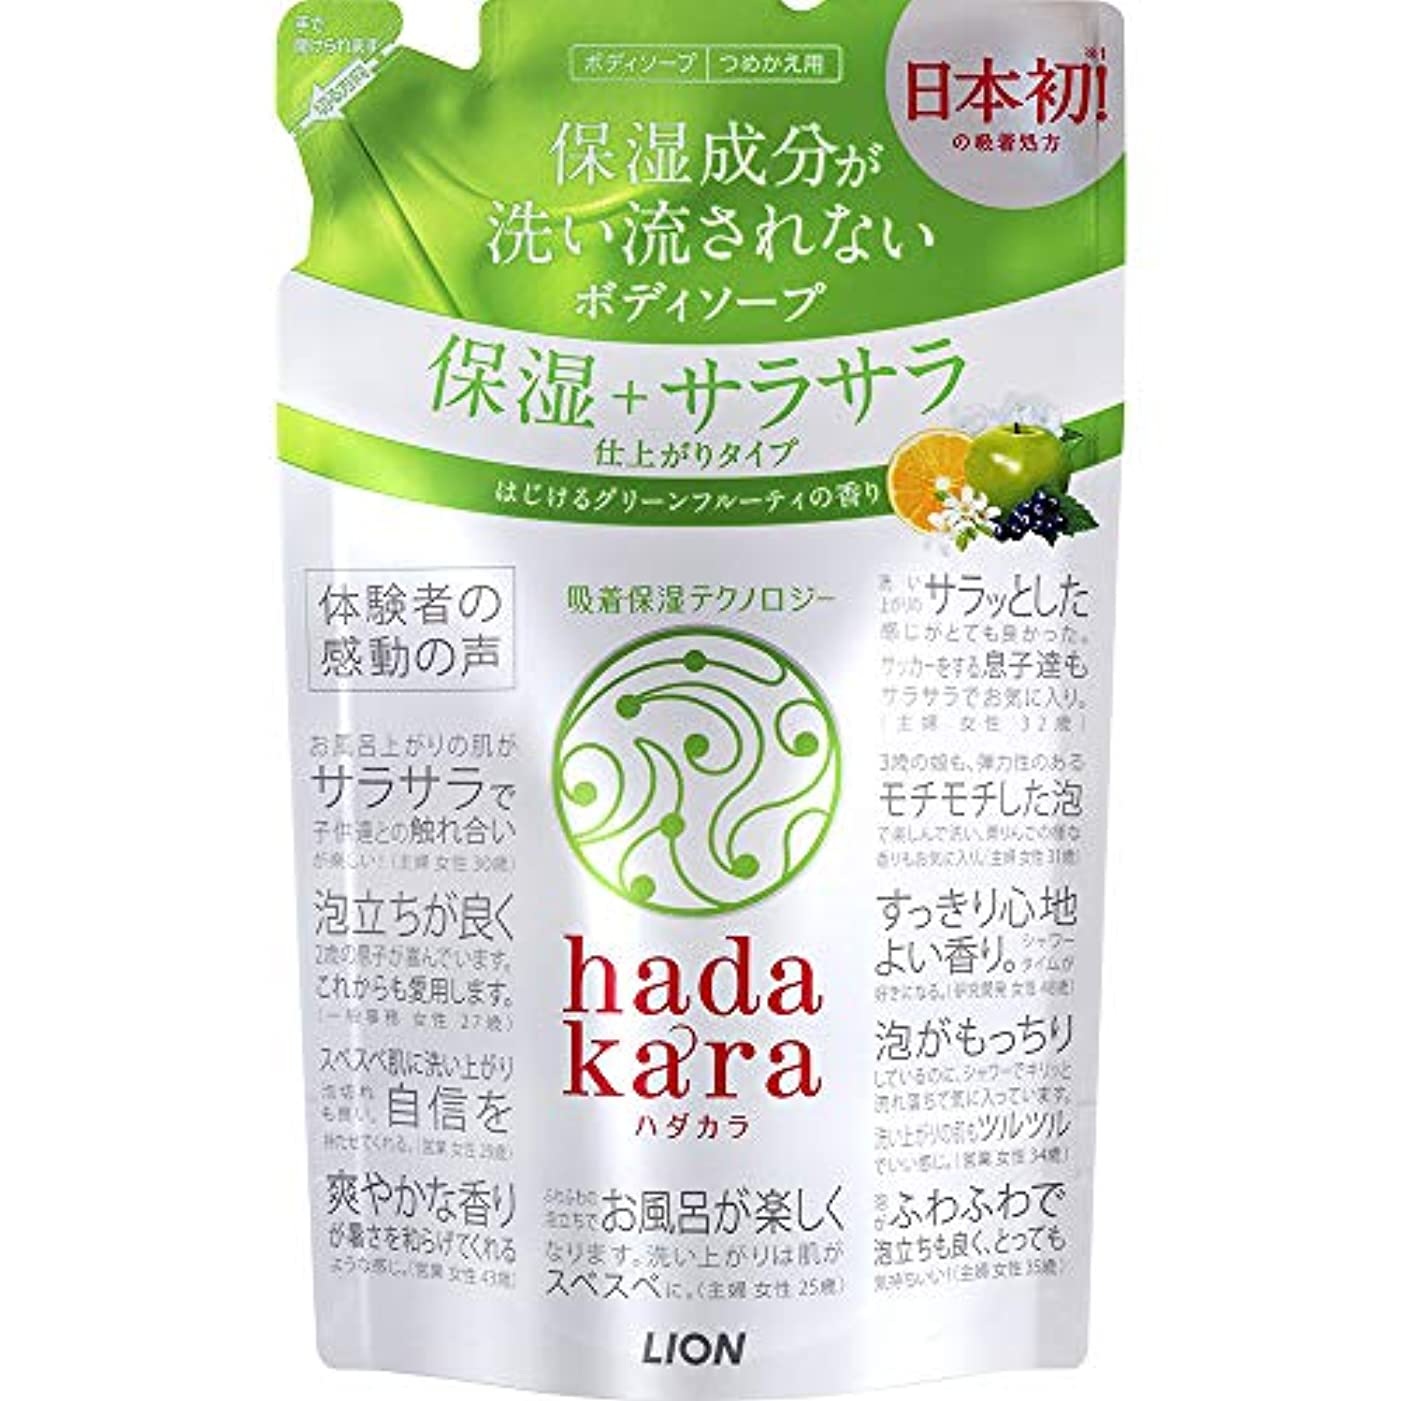 振りかける揮発性顕微鏡hadakara(ハダカラ) ボディソープ 保湿+サラサラ仕上がりタイプ グリーンフルーティの香り 詰め替え 340ml